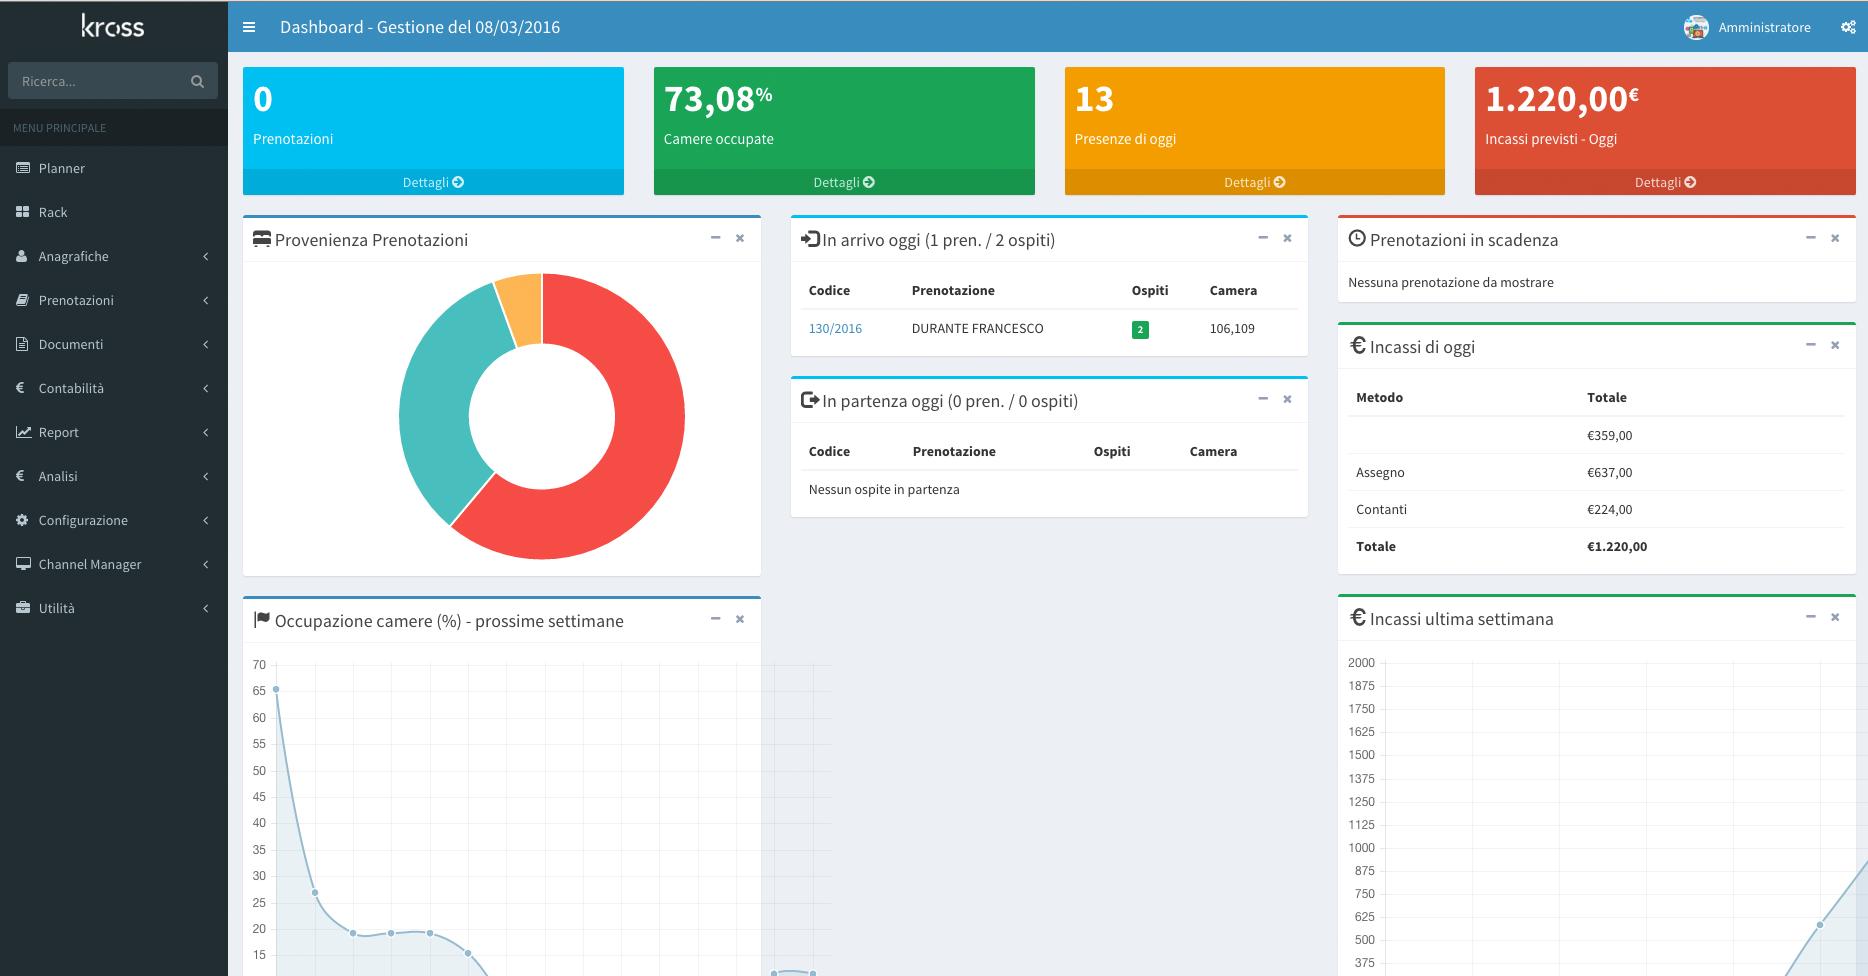 Kross Booking Software - Dashboard